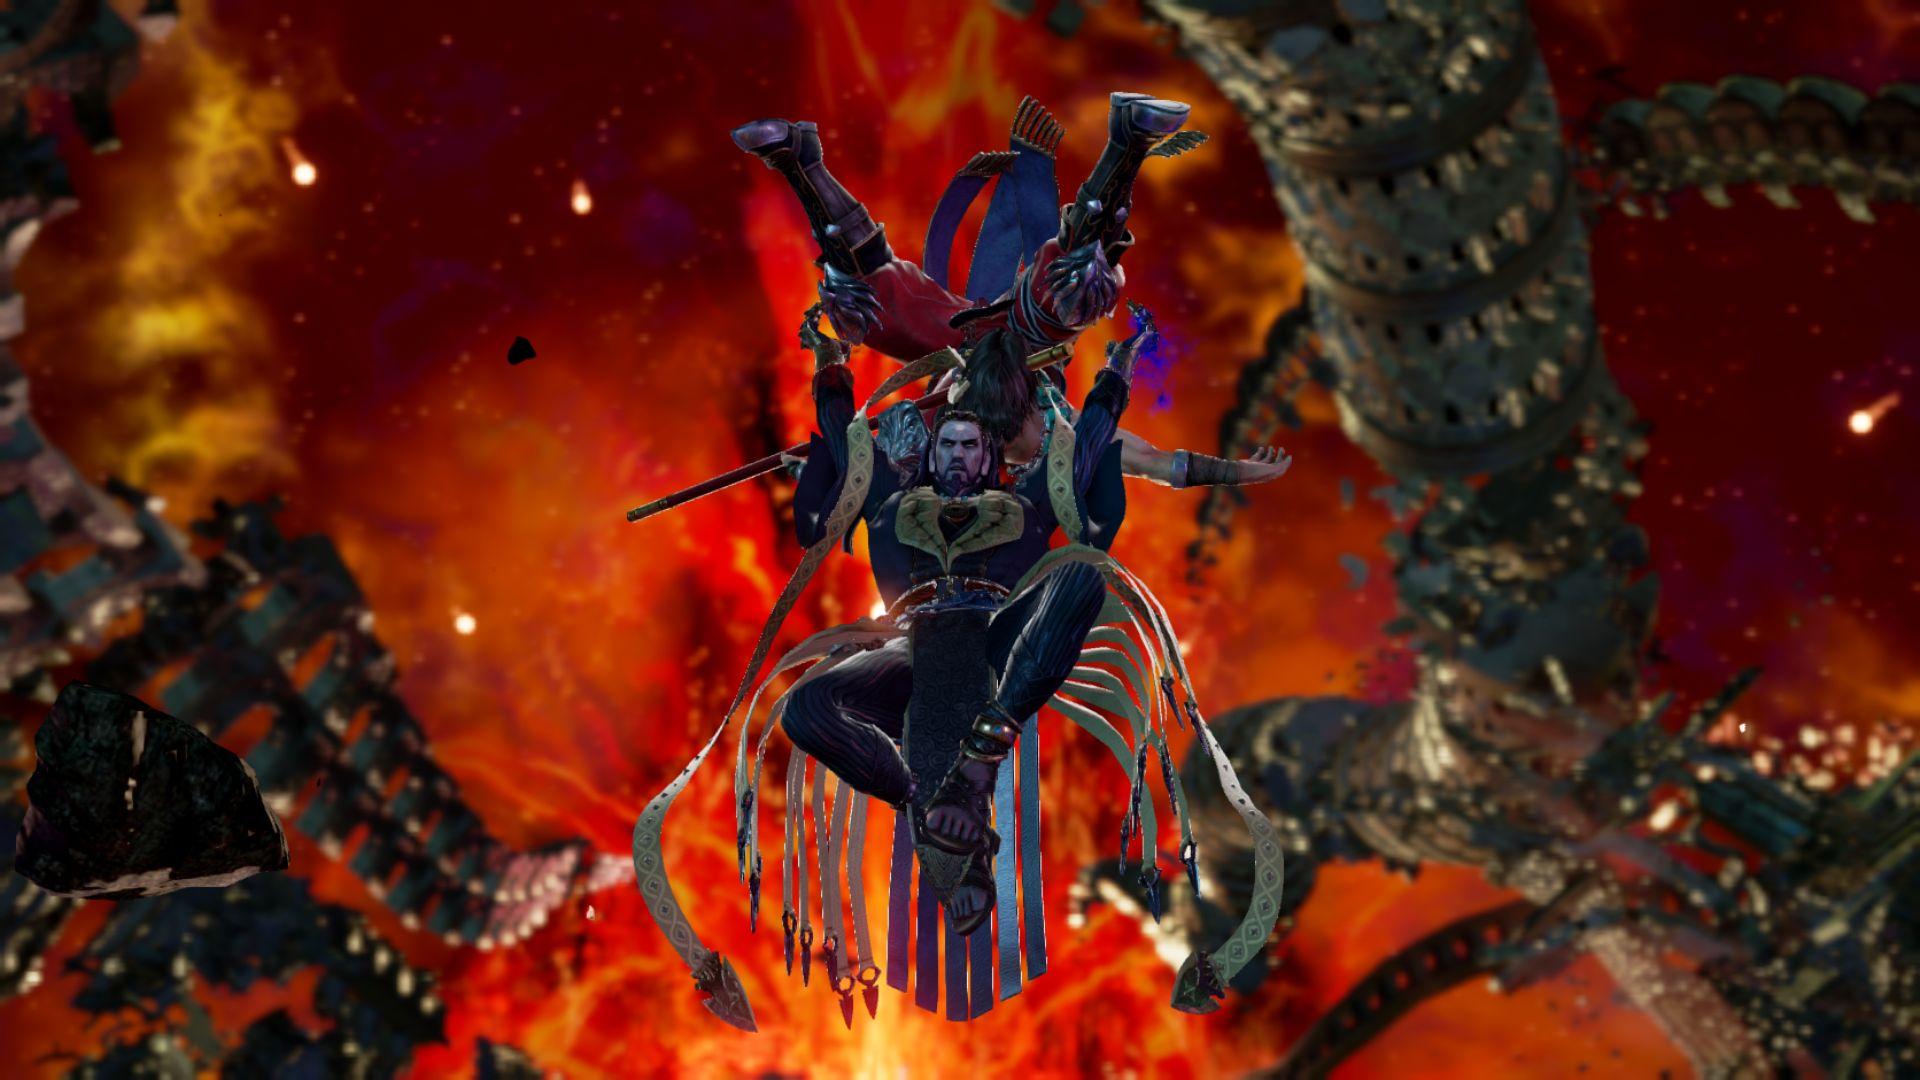 《灵魂能力6》新角色截图曝光 能力超强的手套见过没?